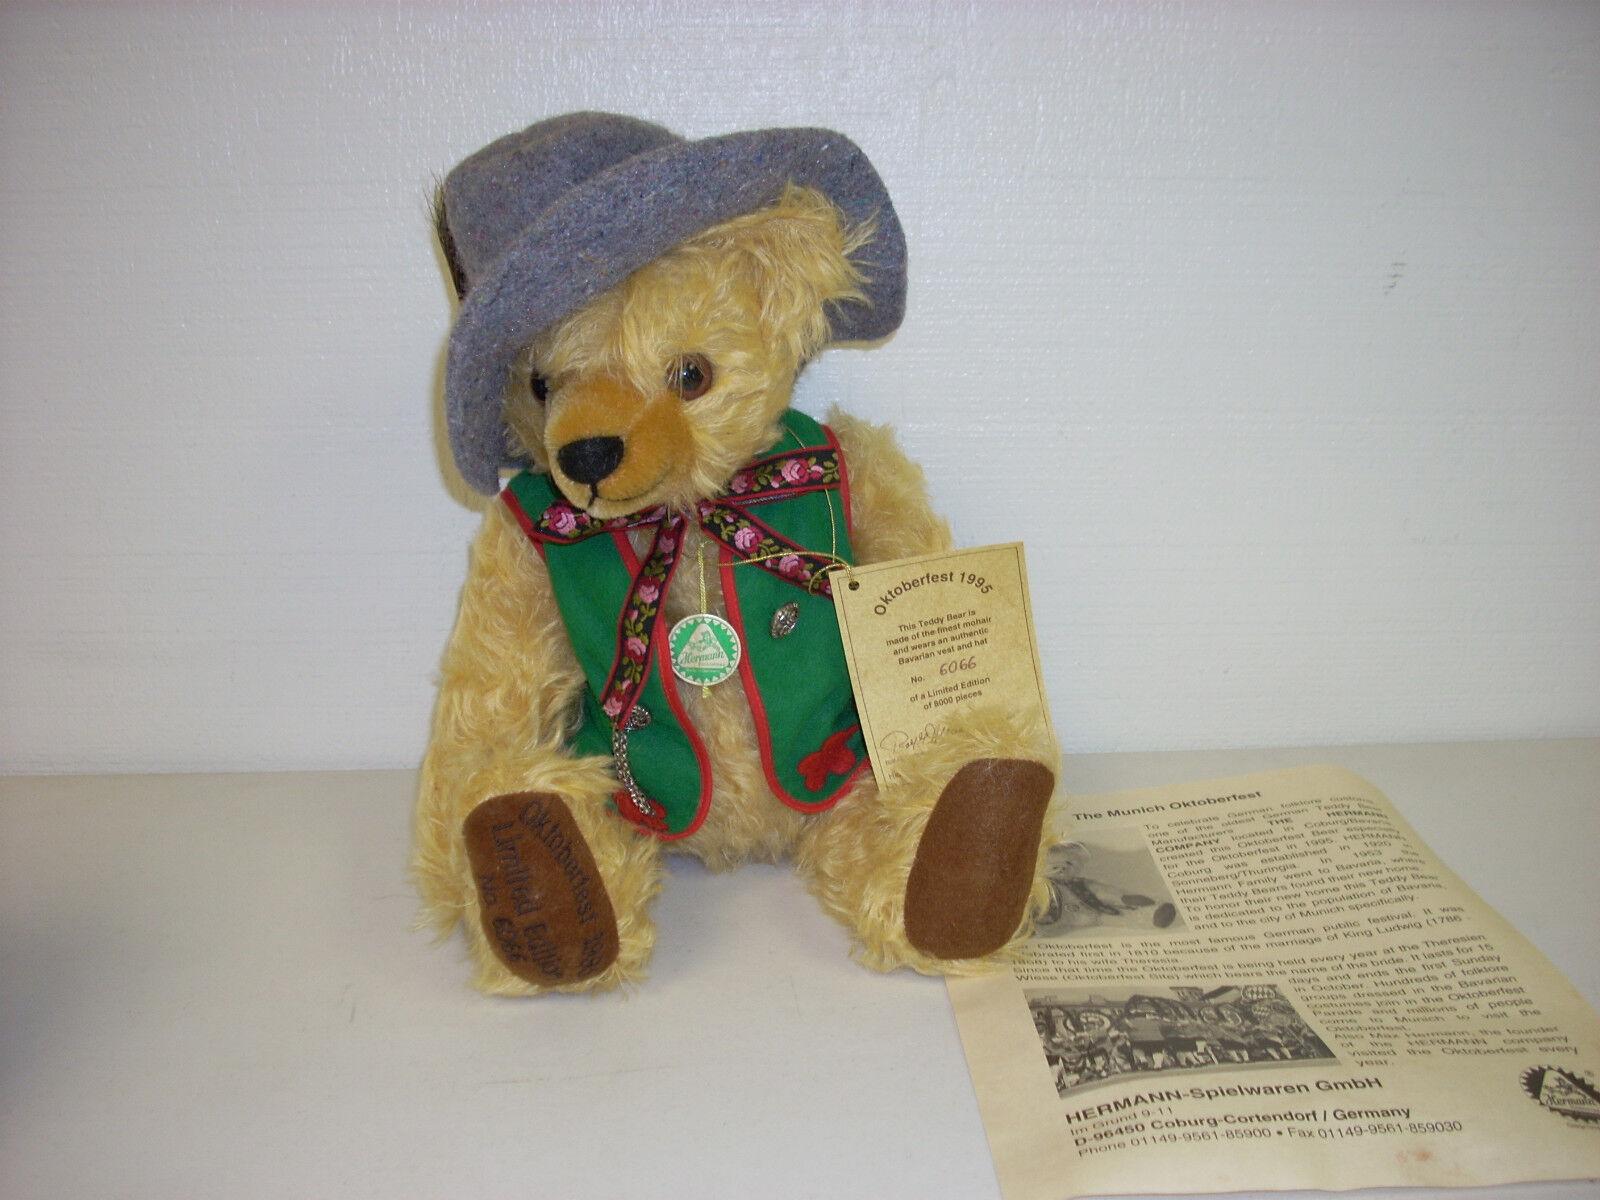 HERMANN MUNICH OKTOBERFEST LIMITED EDITION MOHAIR BEAR 6066/8000 1995 XLNT COND